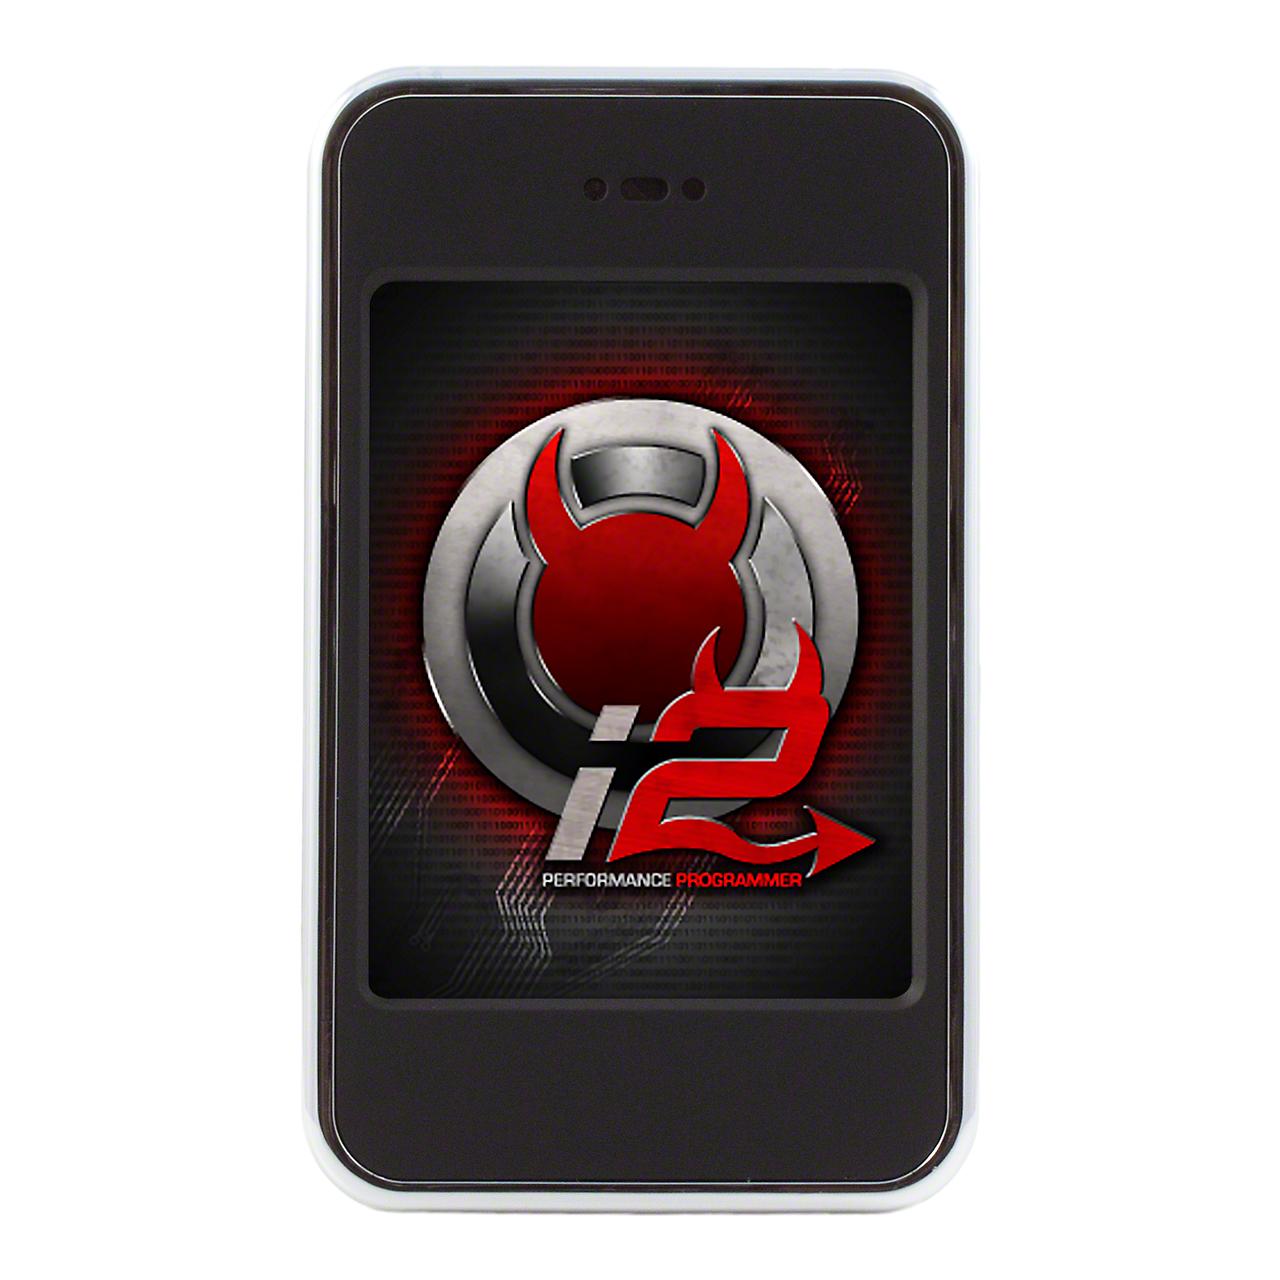 Bama Diablosport inTune i2 Tuner w/ 2 Custom Tunes (10-12 GT500)